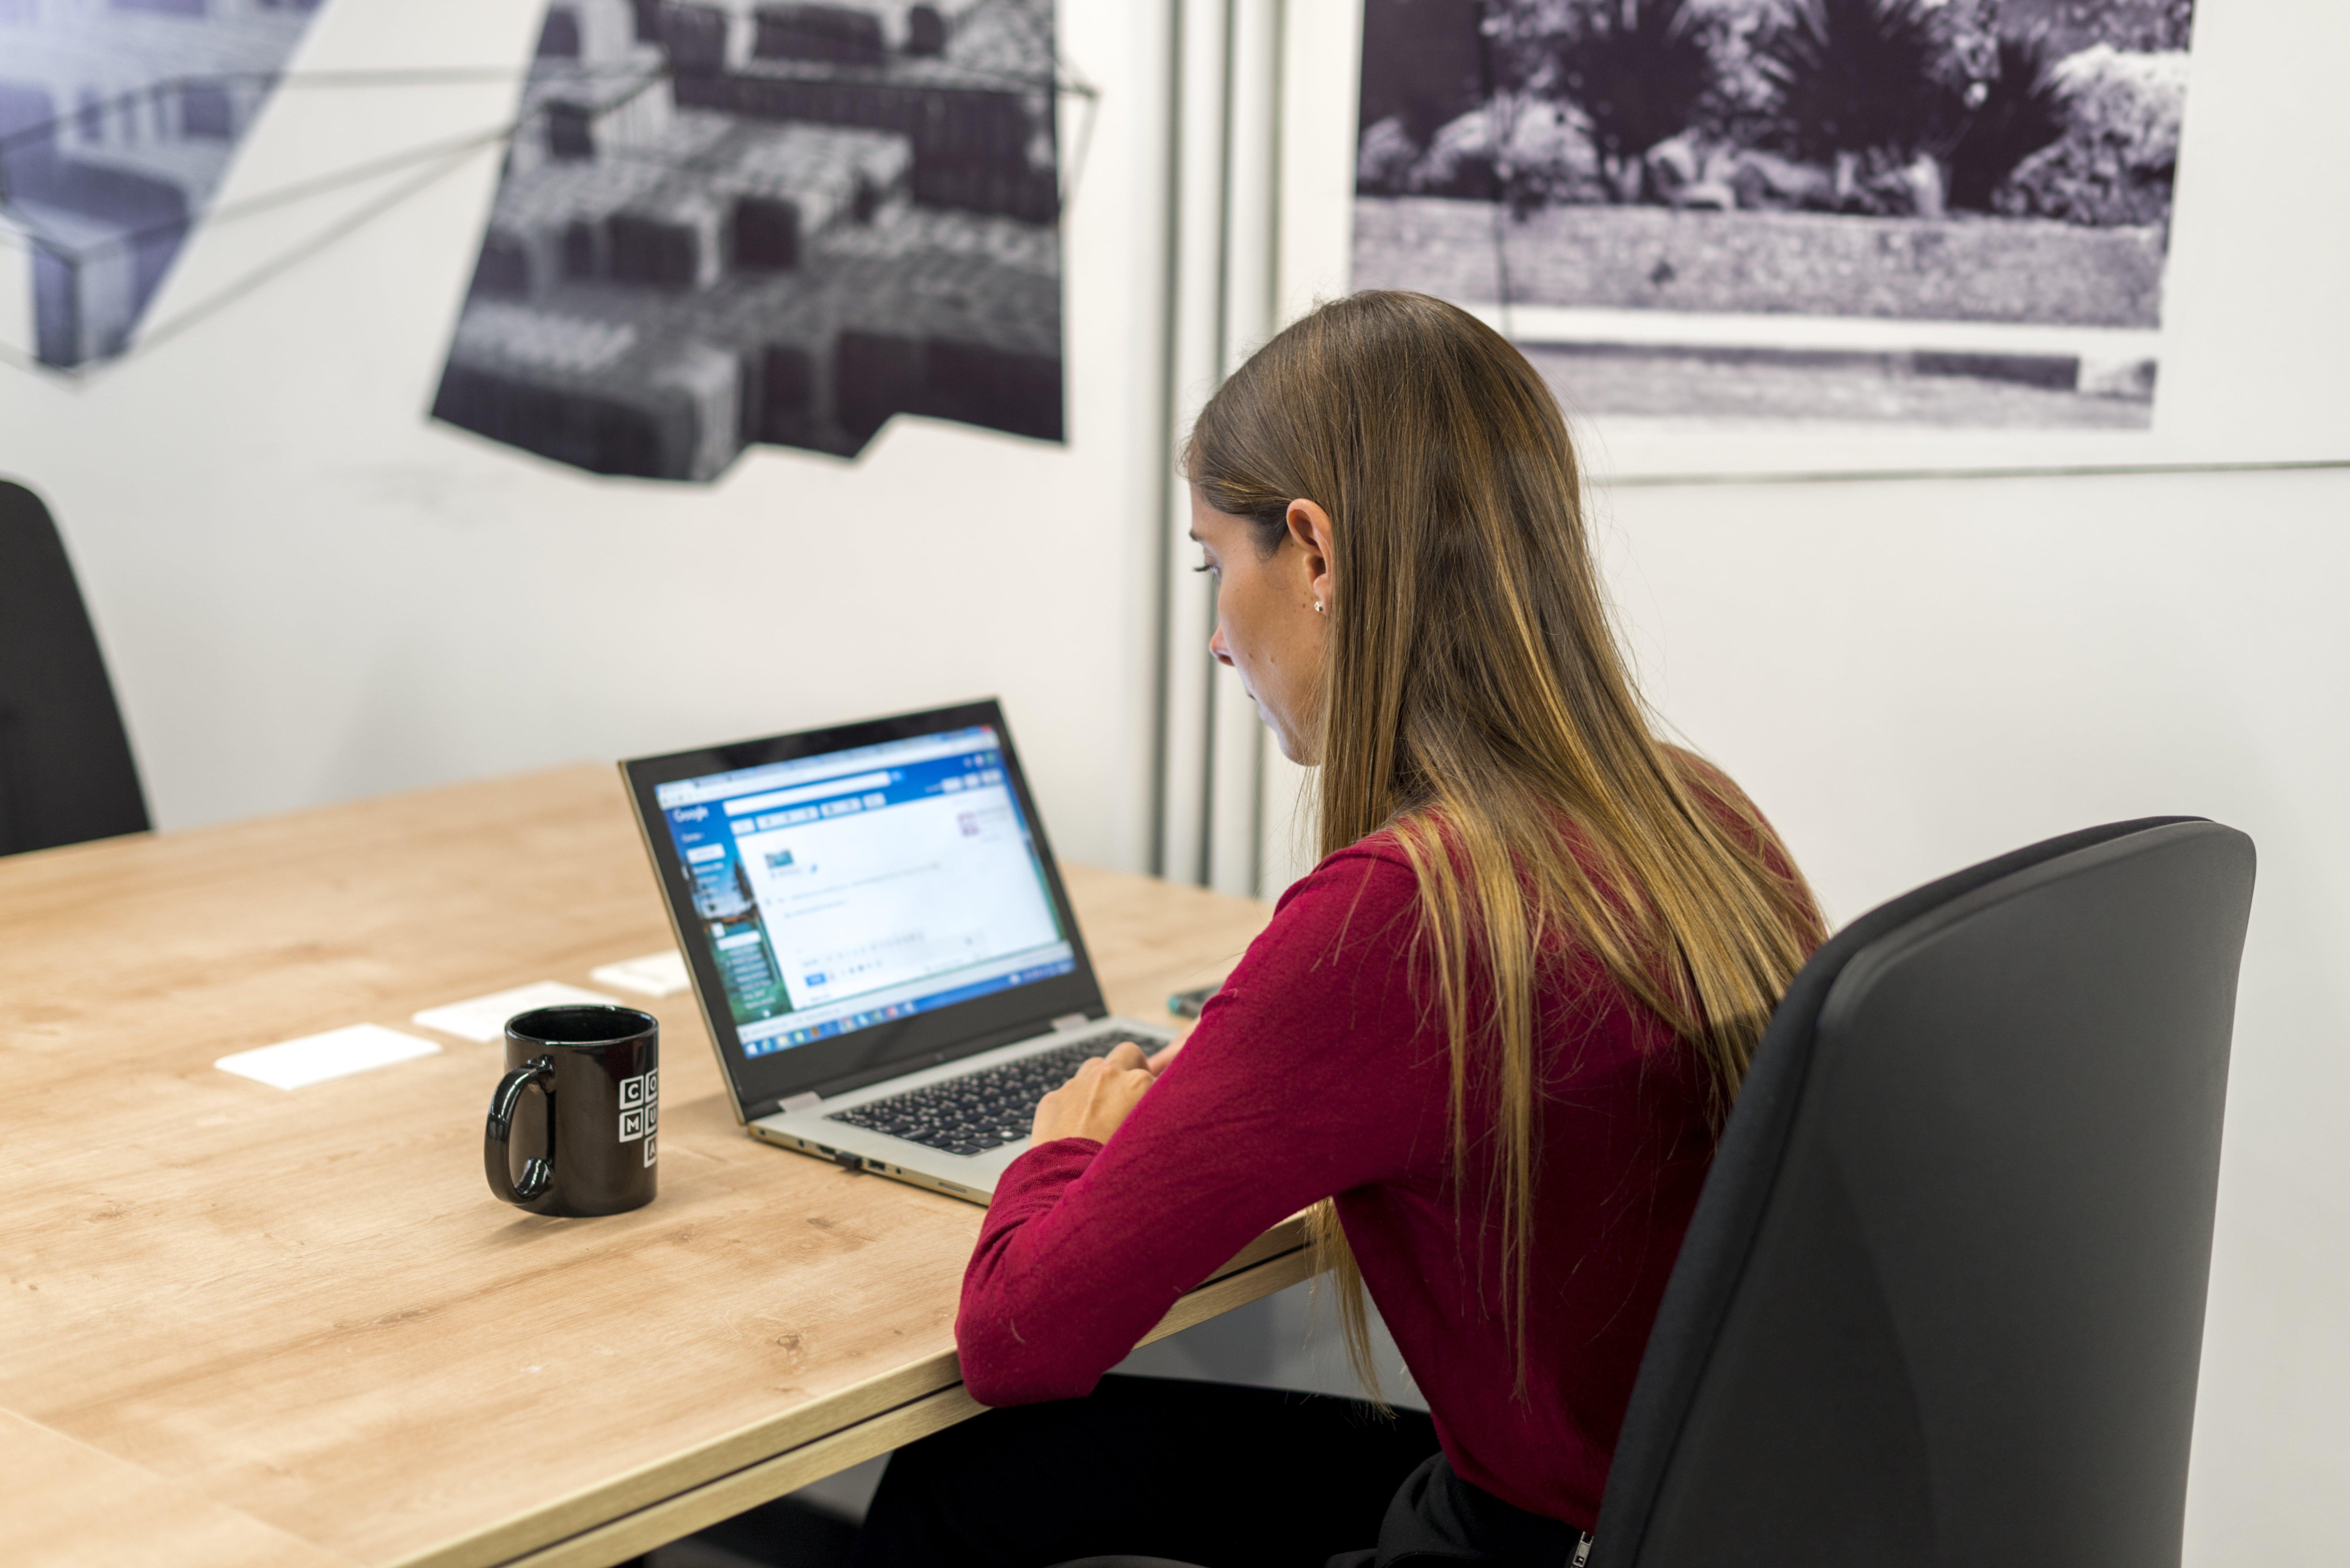 mujer usando trello en su laptop